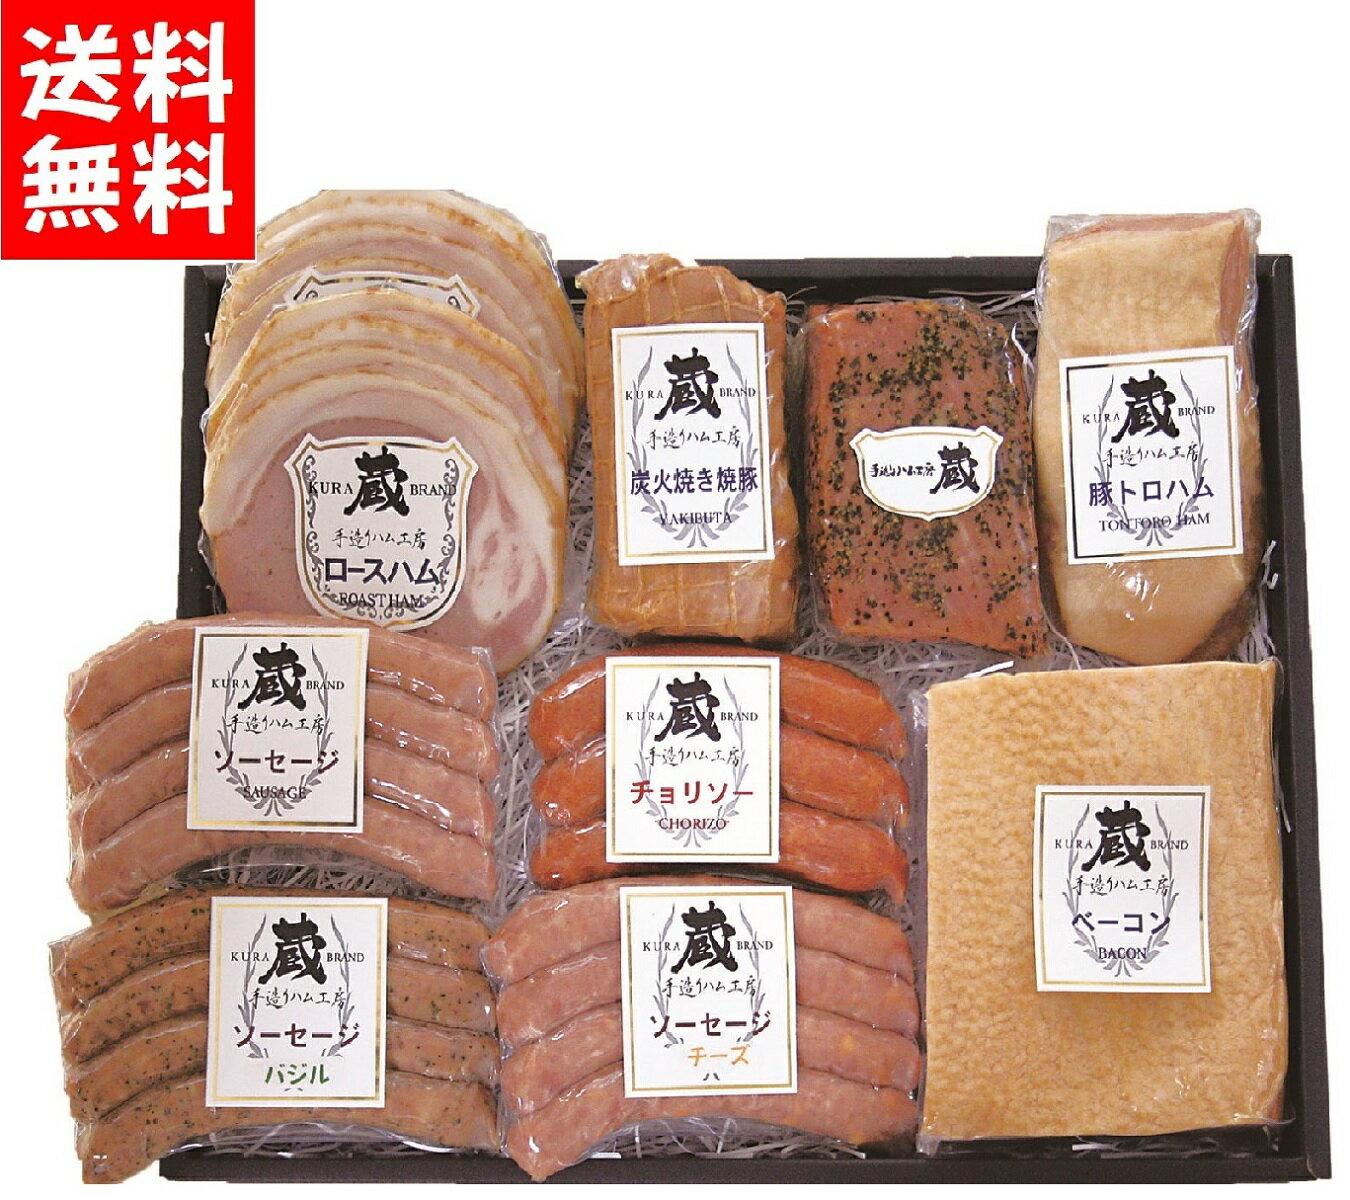 手造りハム工房蔵 A18   ベーコン・炭火焼豚・ボンレスパストラミ・ソーセージ・9種類ぜいたくセレクションA